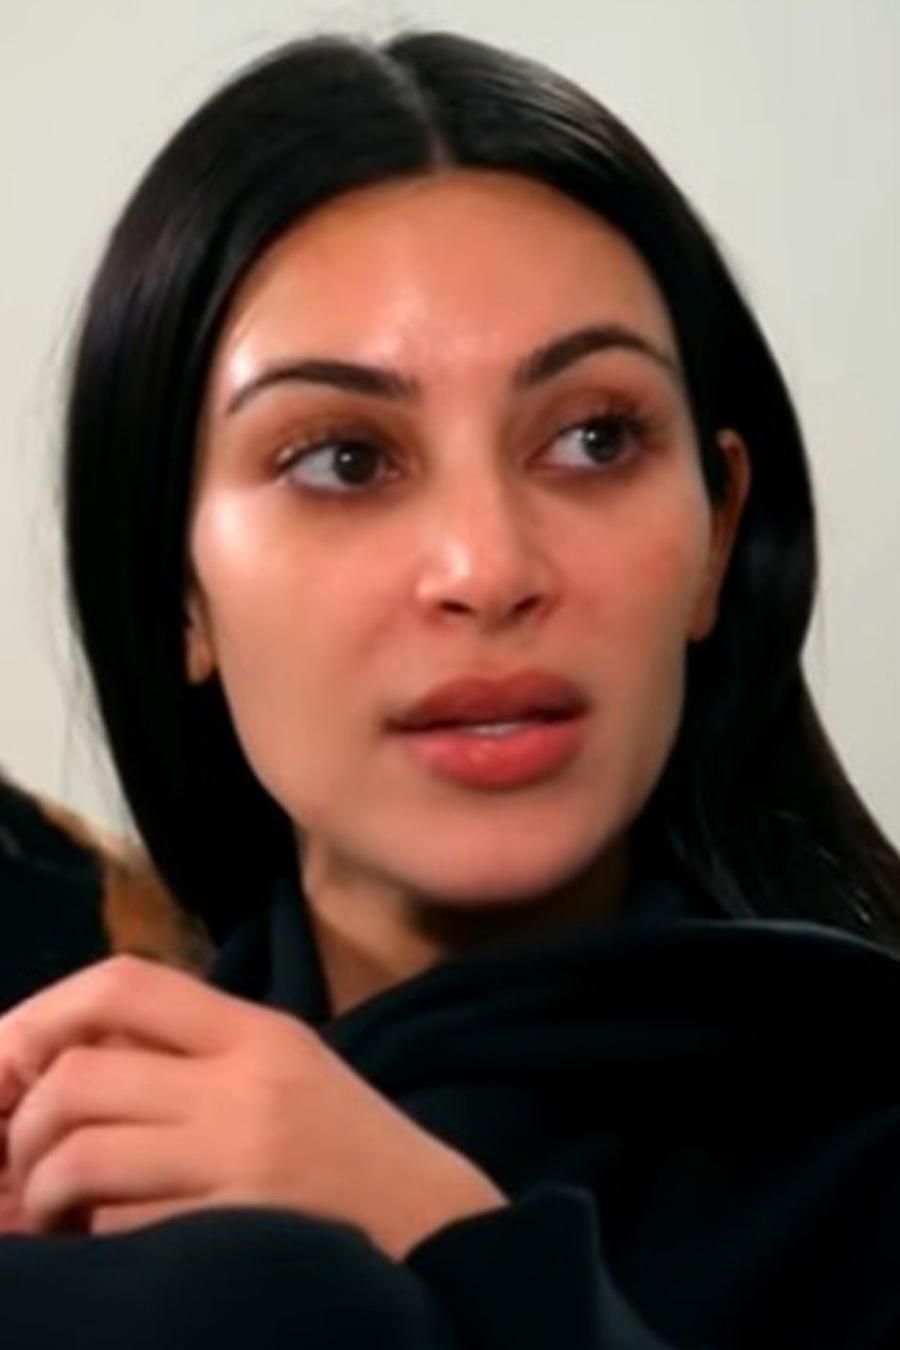 Kim y Khloé Kardashian en adelanto de la nueva temporada de Keeping Up With the Kardashians